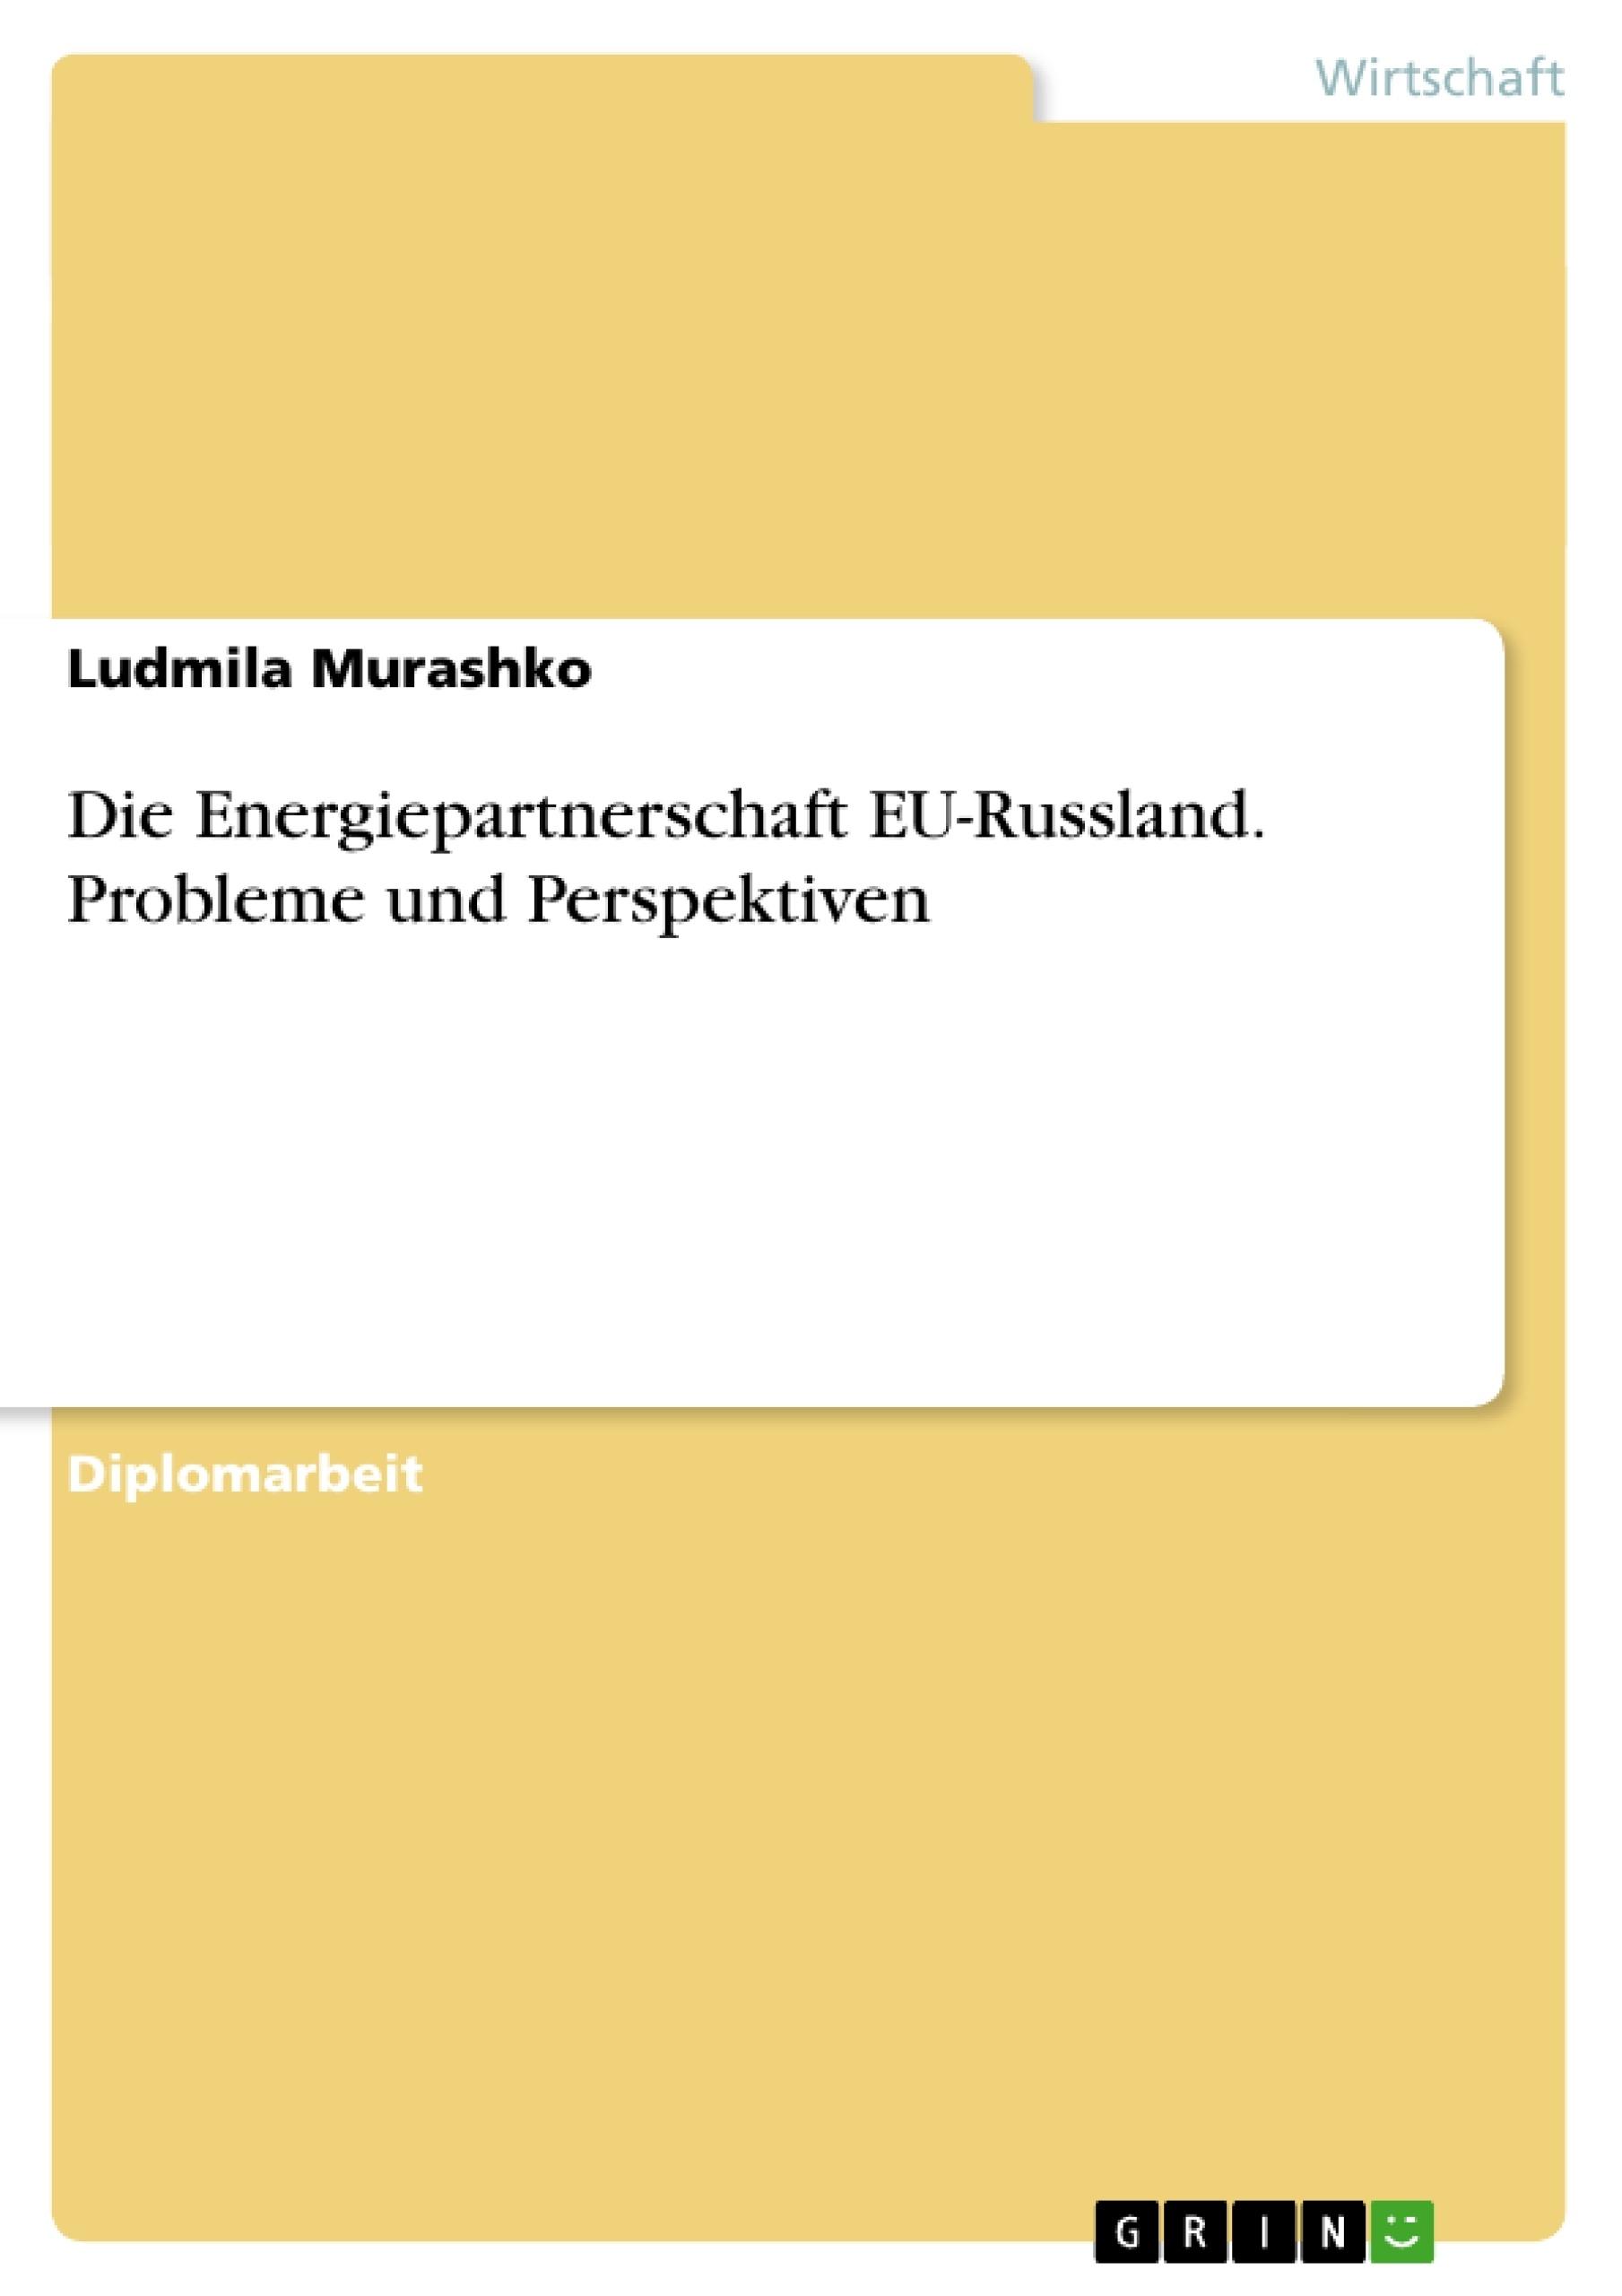 Titel: Die Energiepartnerschaft EU-Russland. Probleme und Perspektiven